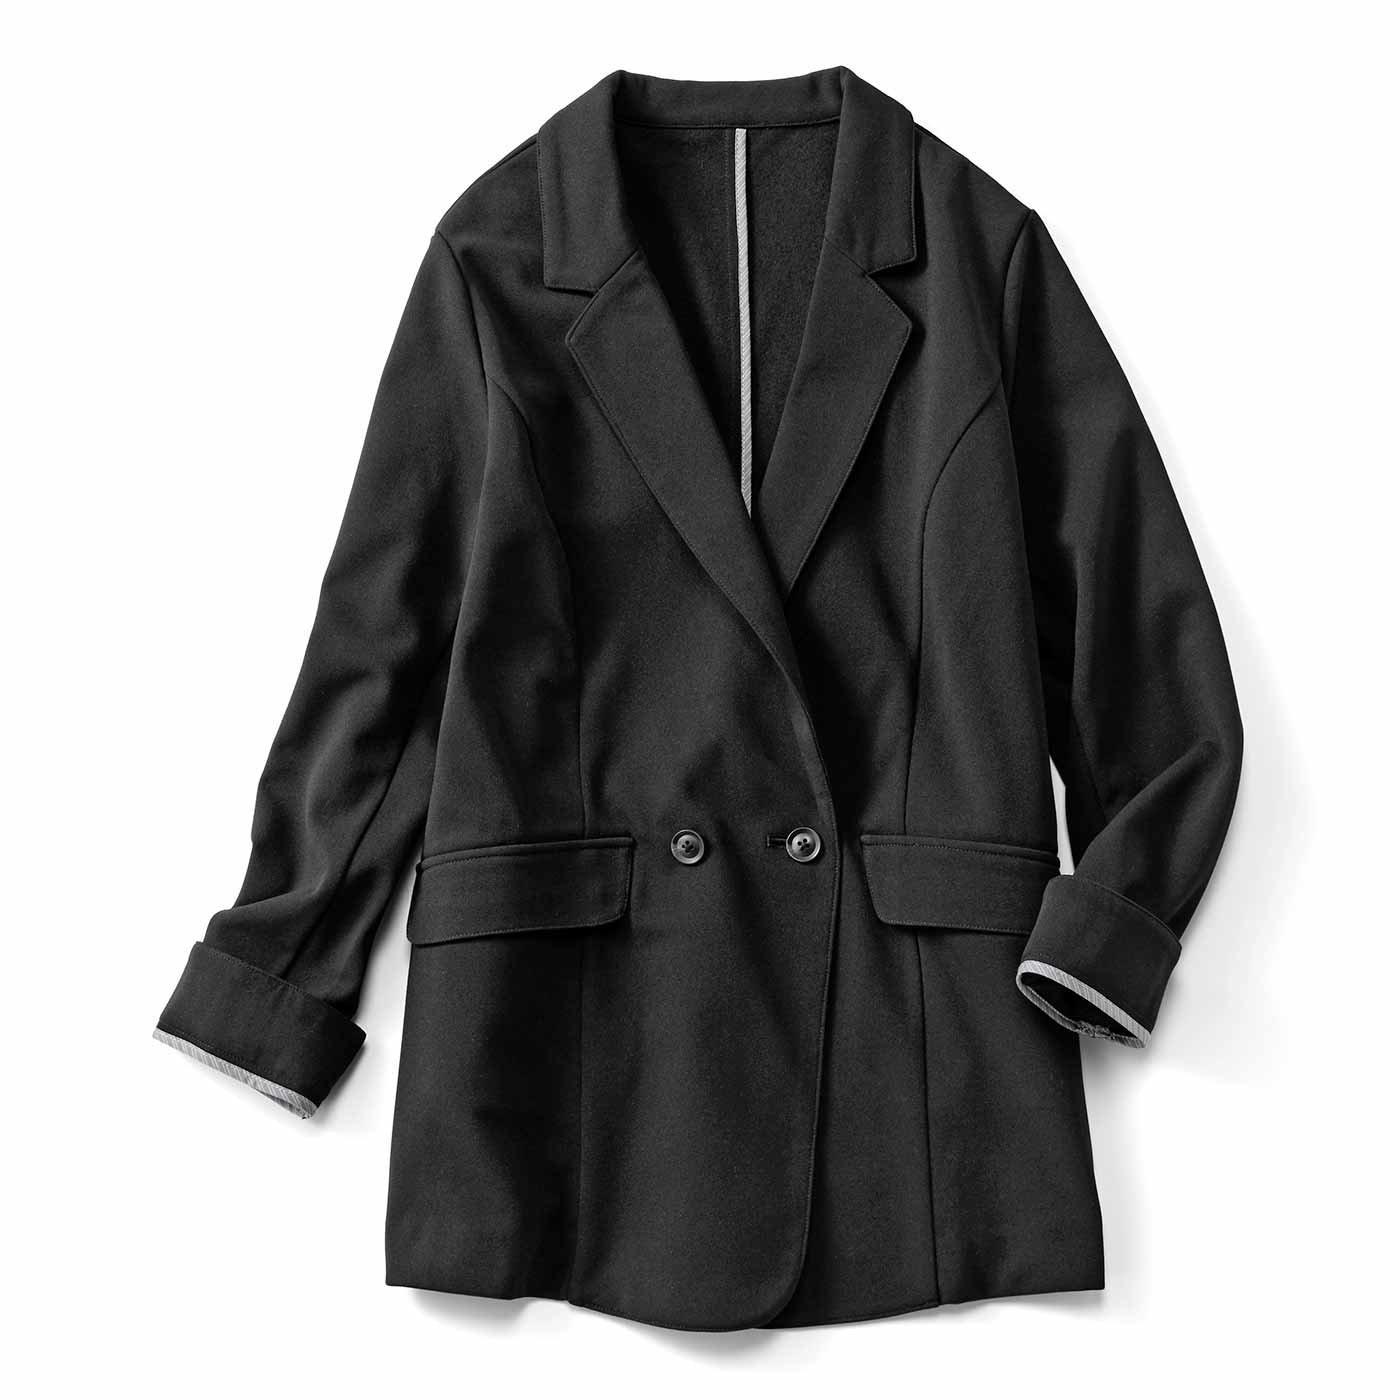 【3~10日でお届け】IEDIT[イディット] 帯電防止加工のあったか裏起毛 ジョーゼットが上品きれいなバレエフィット(R)ジャケット〈ブラック〉